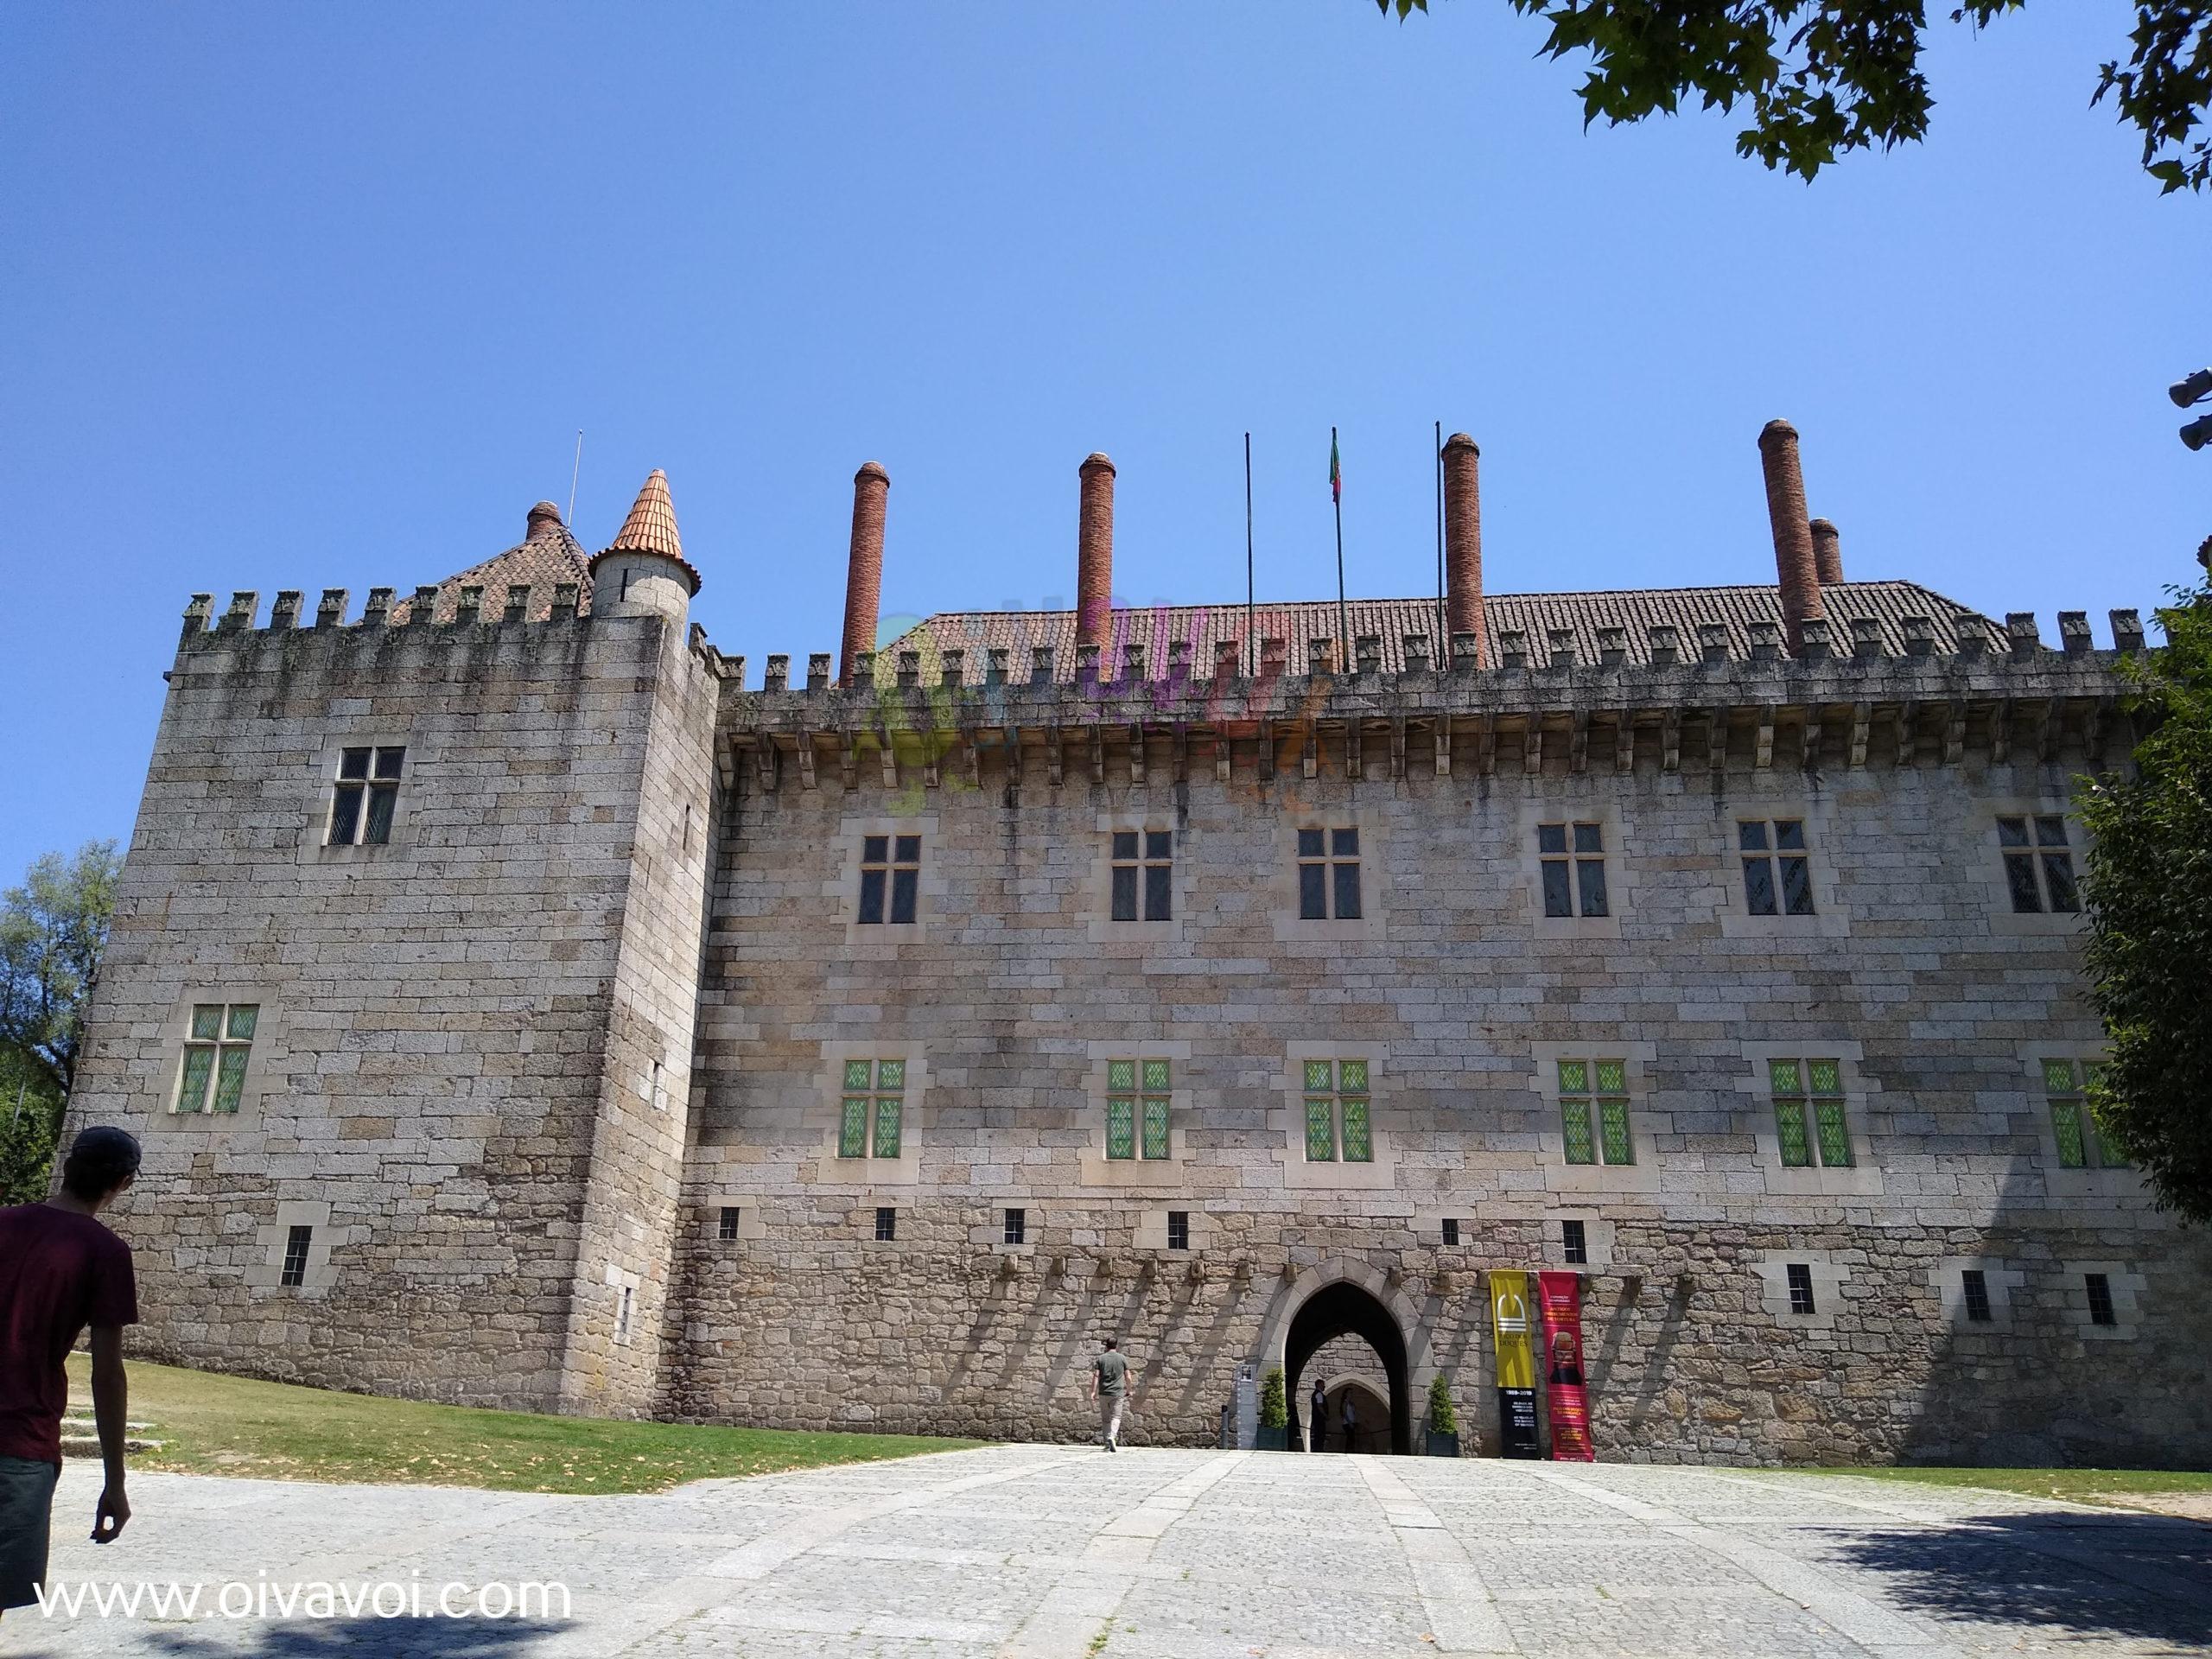 Palacio de los duques de Braganza en Guimaraes